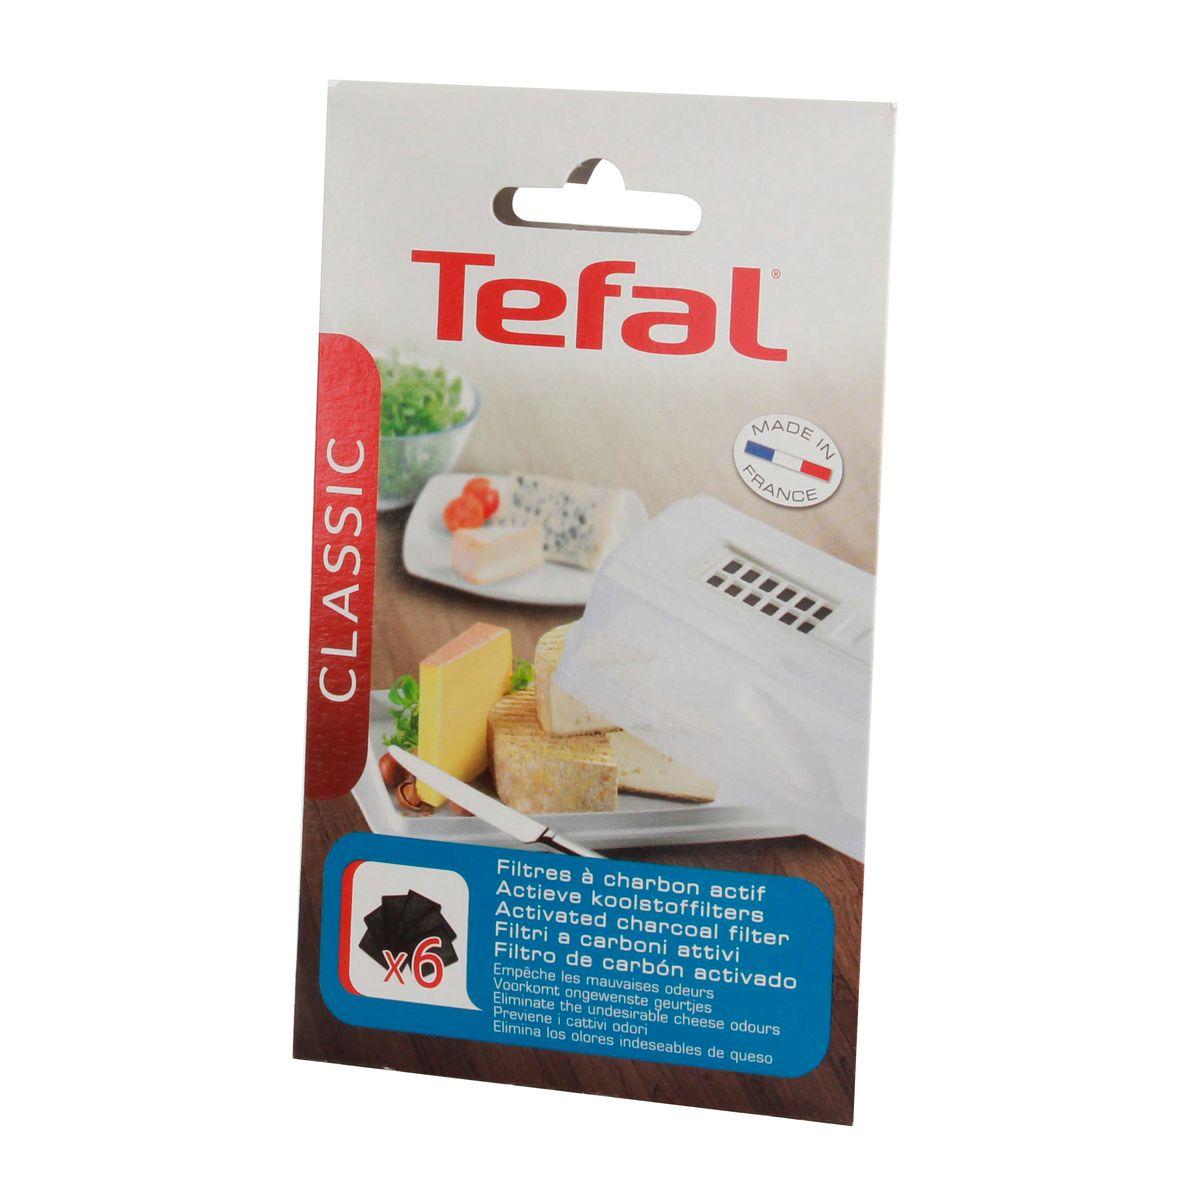 Pièce de rechange : 6 filtres de rechange pour cave à fromage petit modèle - Tefal